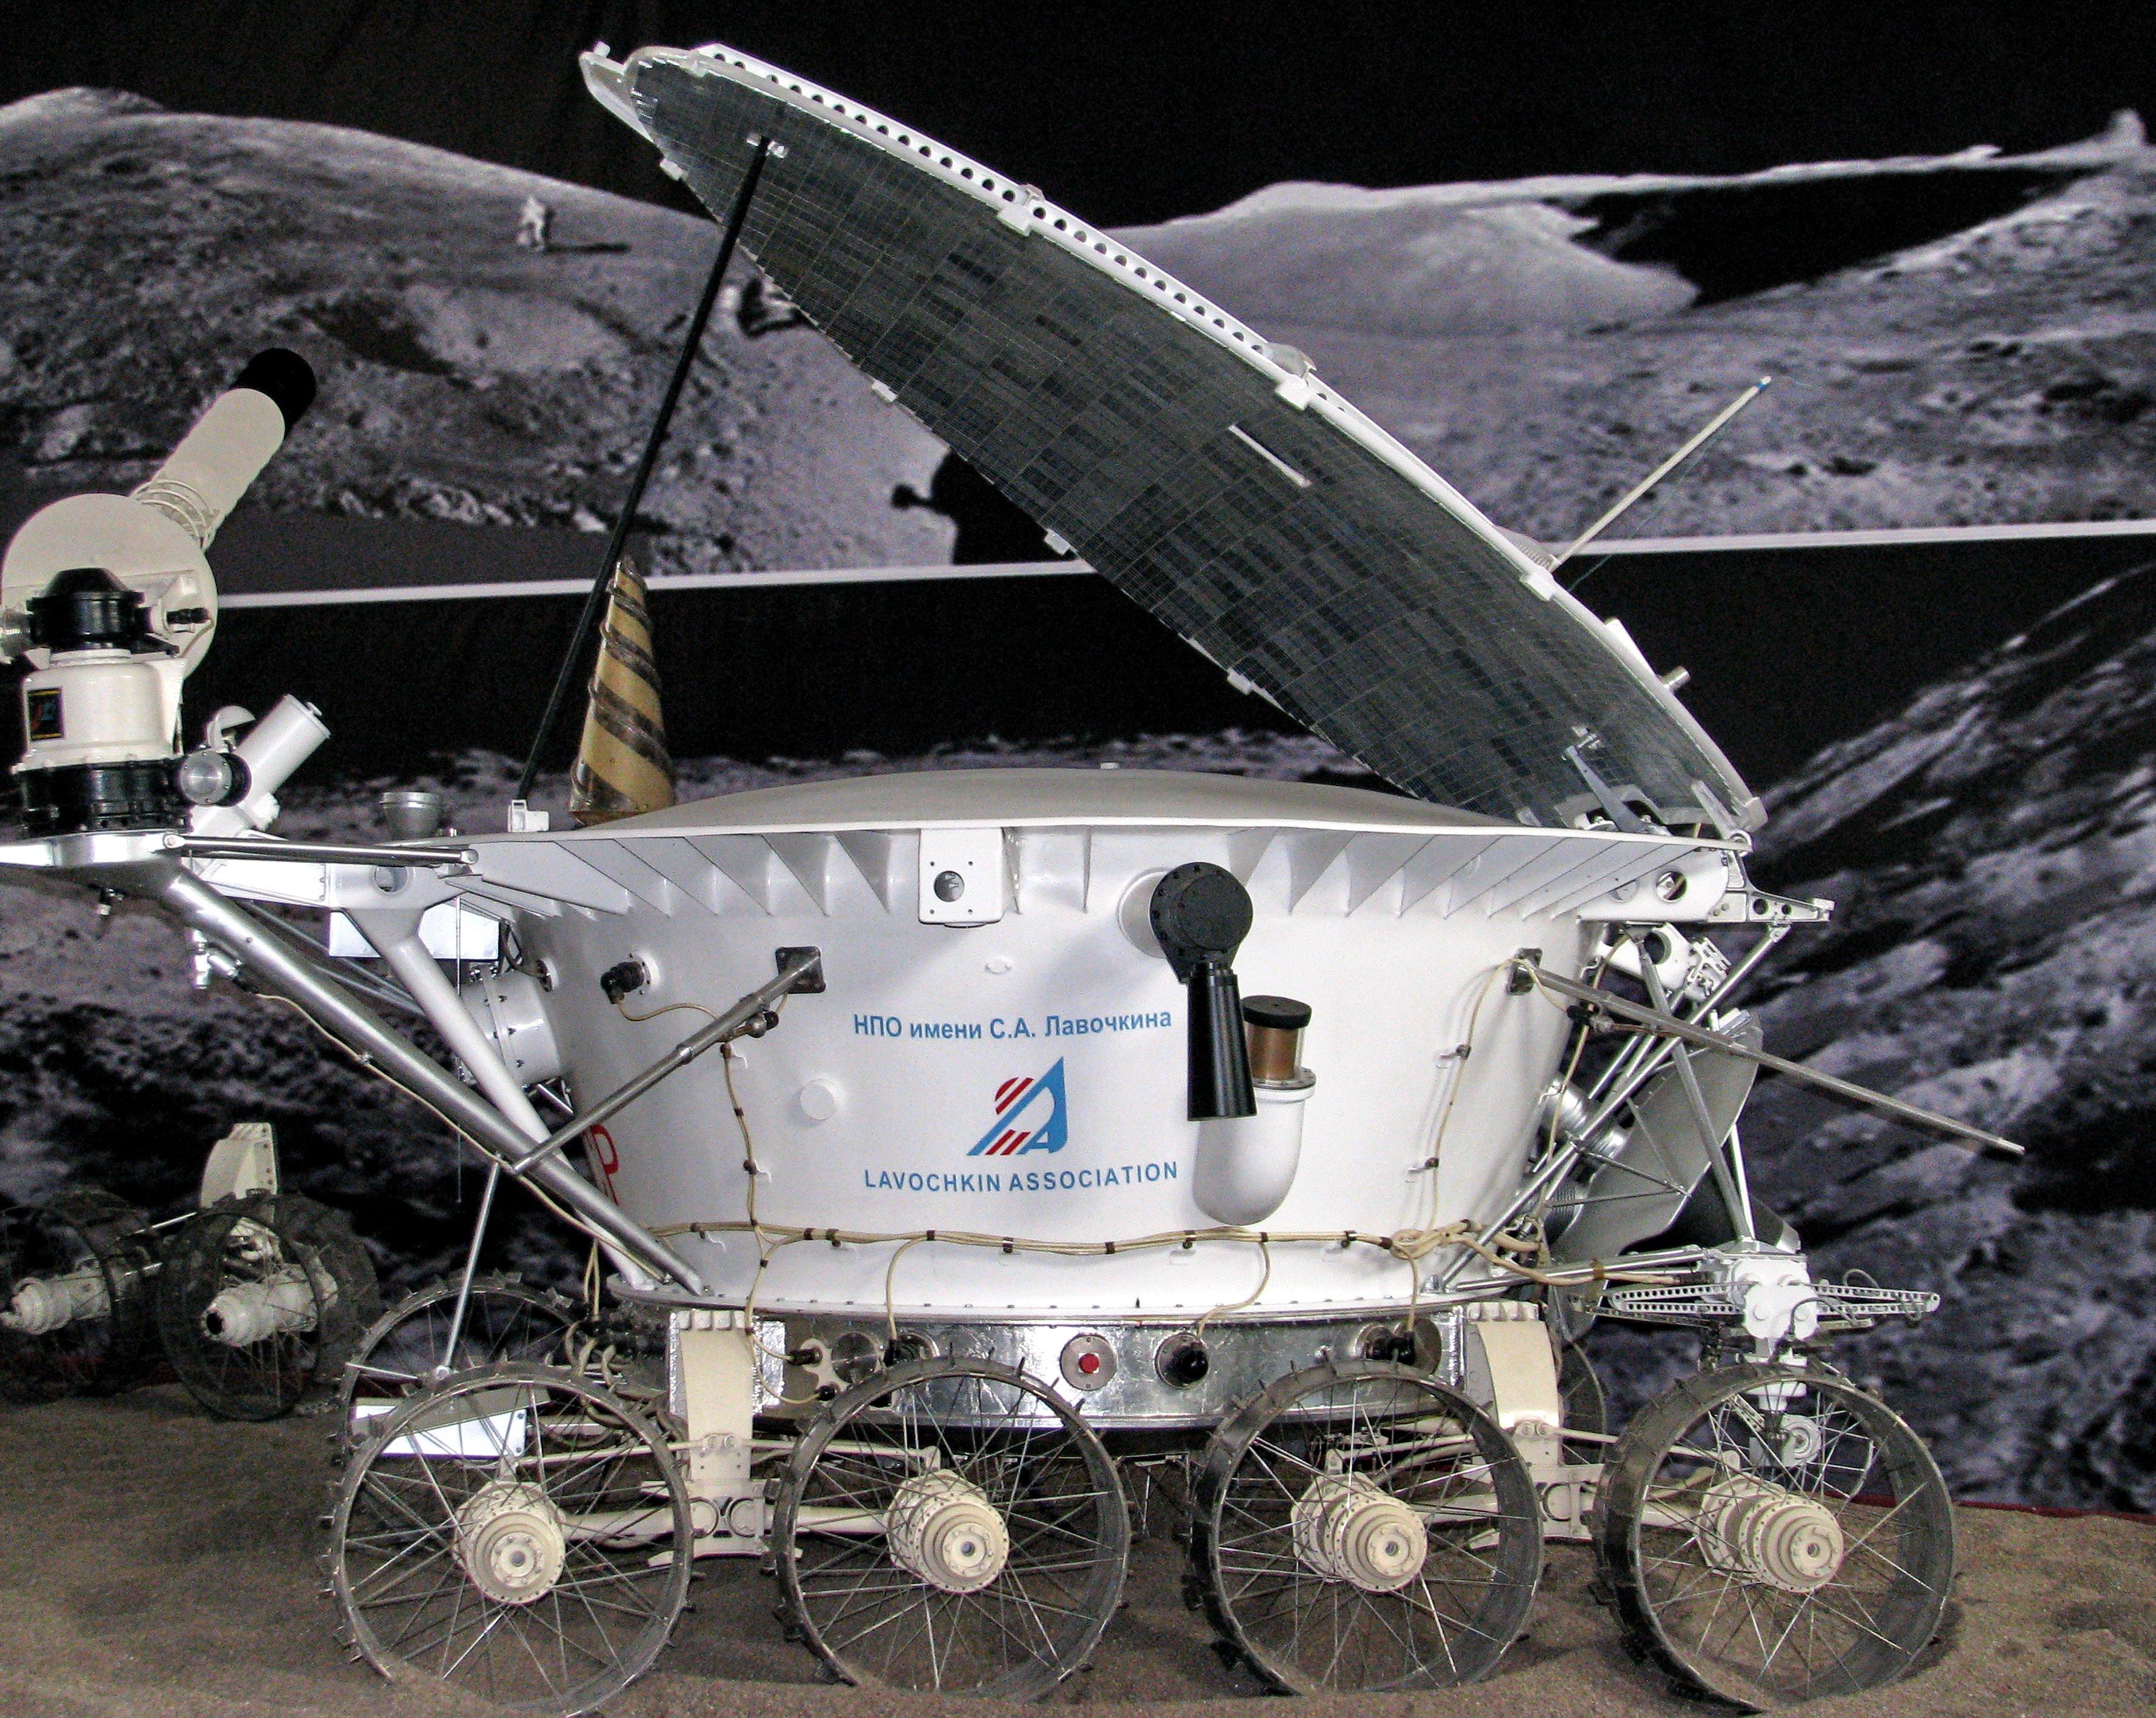 фото лунохода на луне принтер